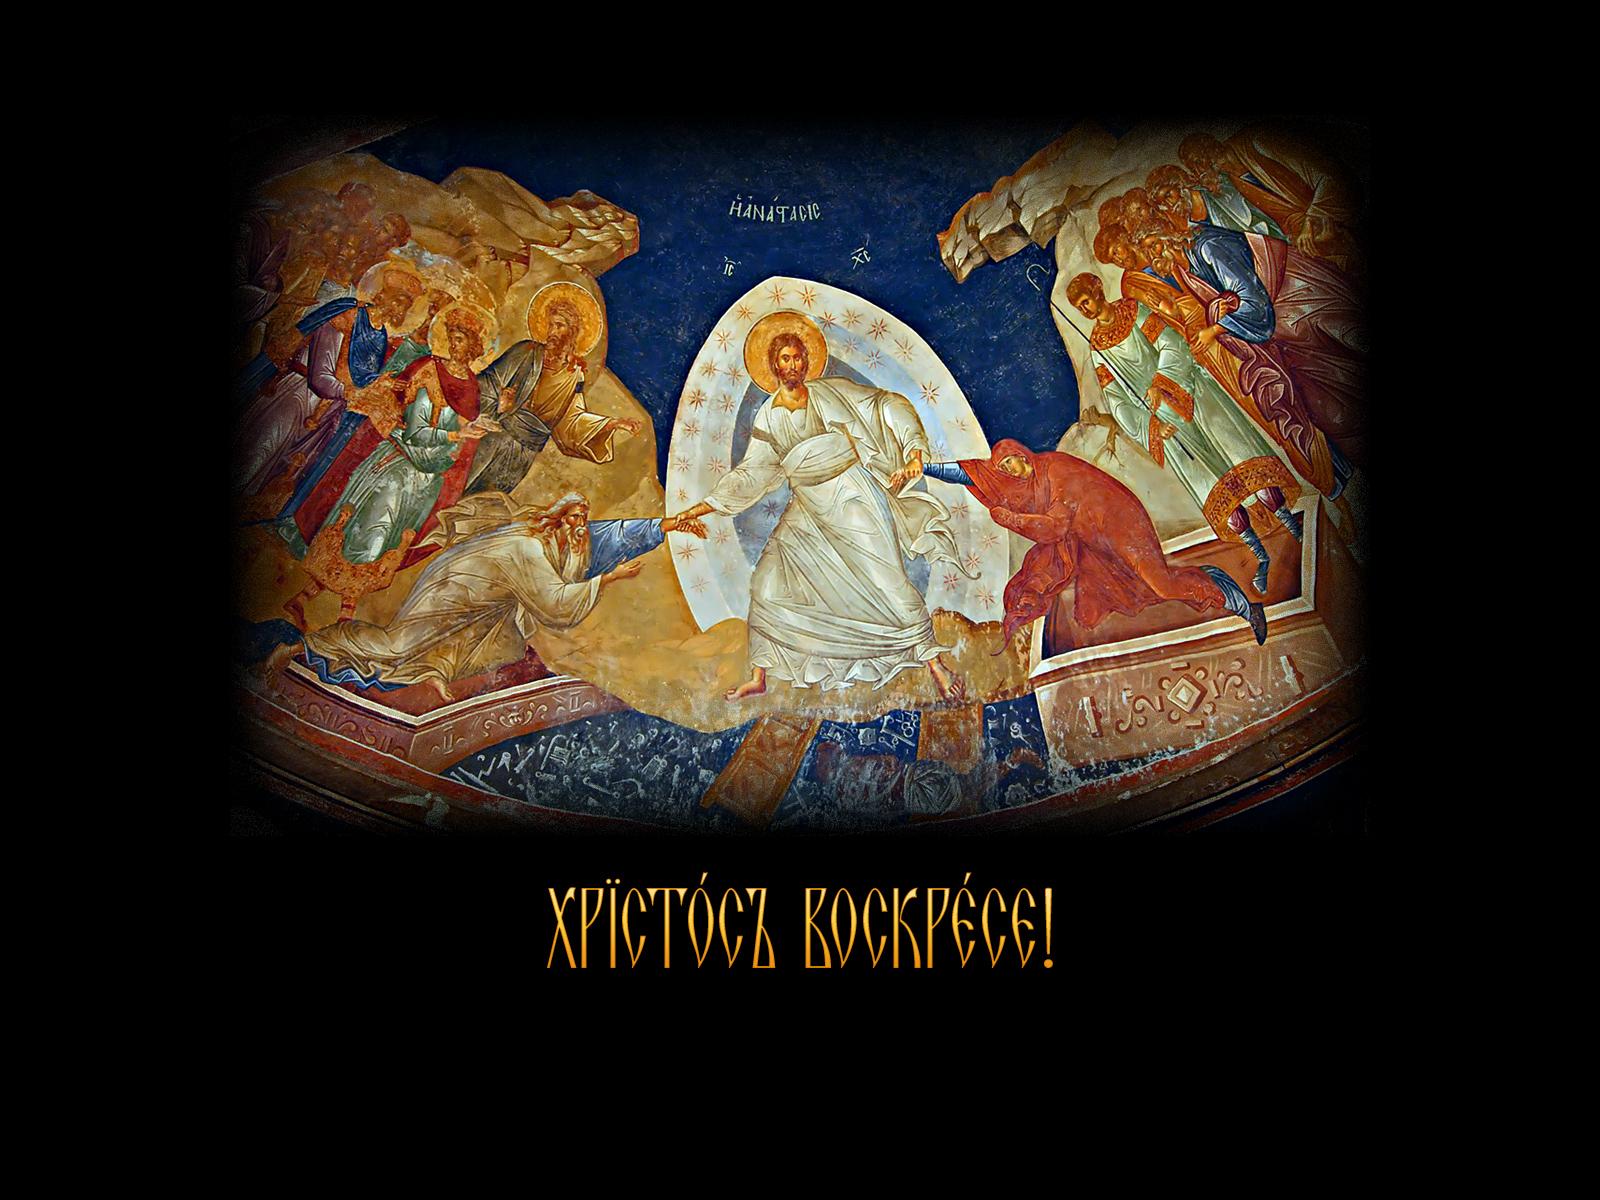 Скачать видеоколекции по православию фото 466-585